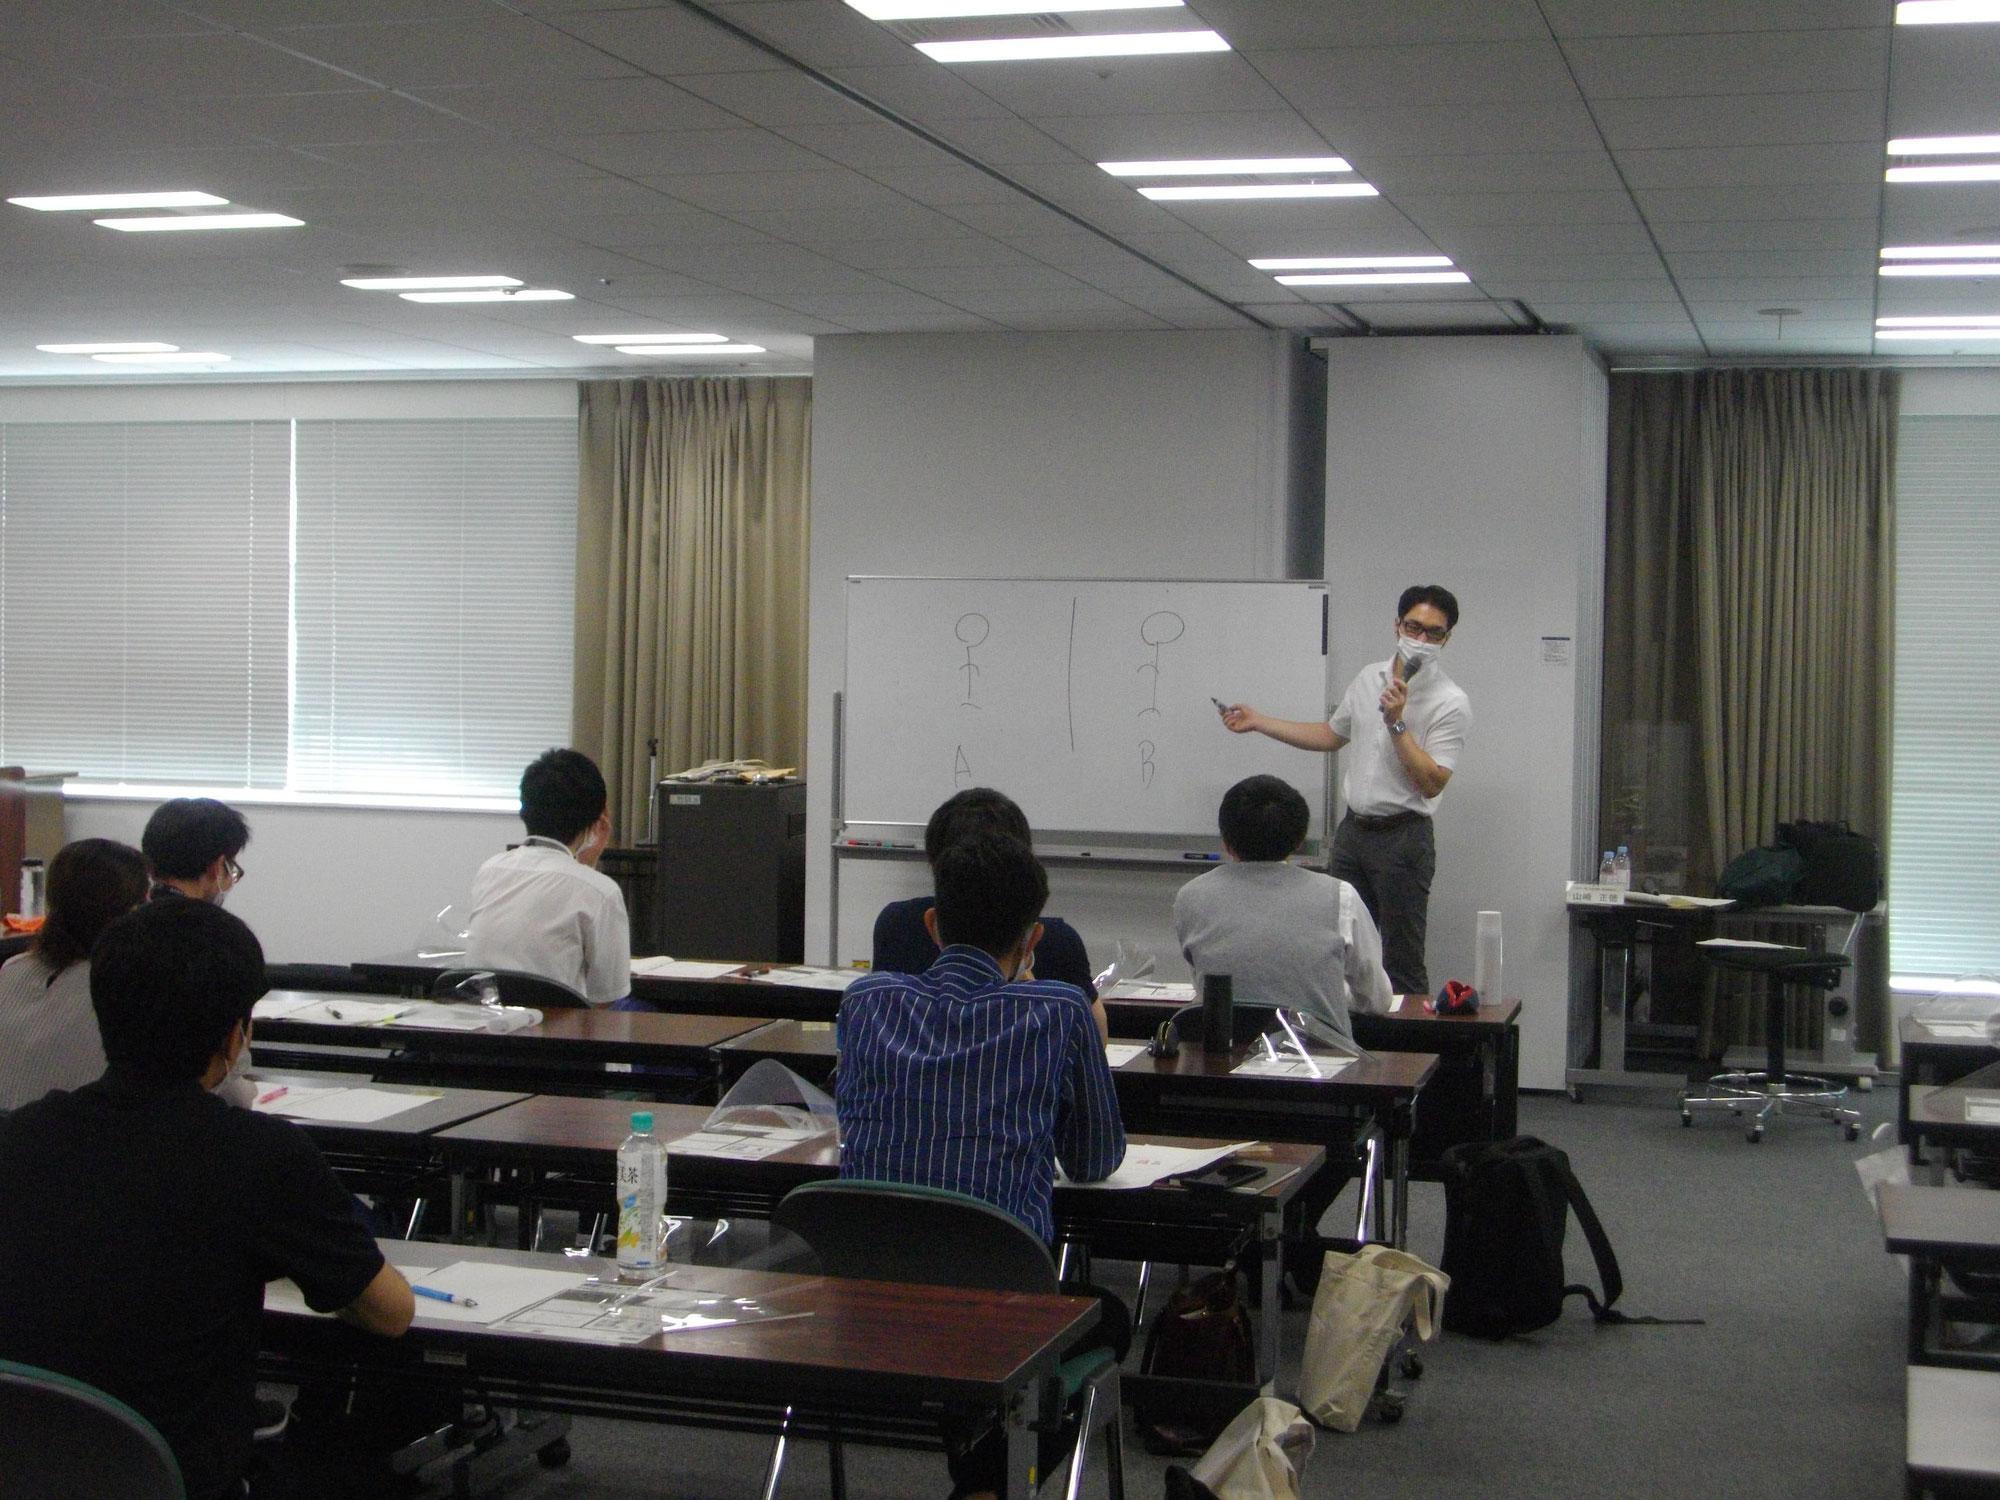 東京23区の生活保護ケースワーカーを対象に、「メンタルセルフケア」をテーマに講演を行いました。